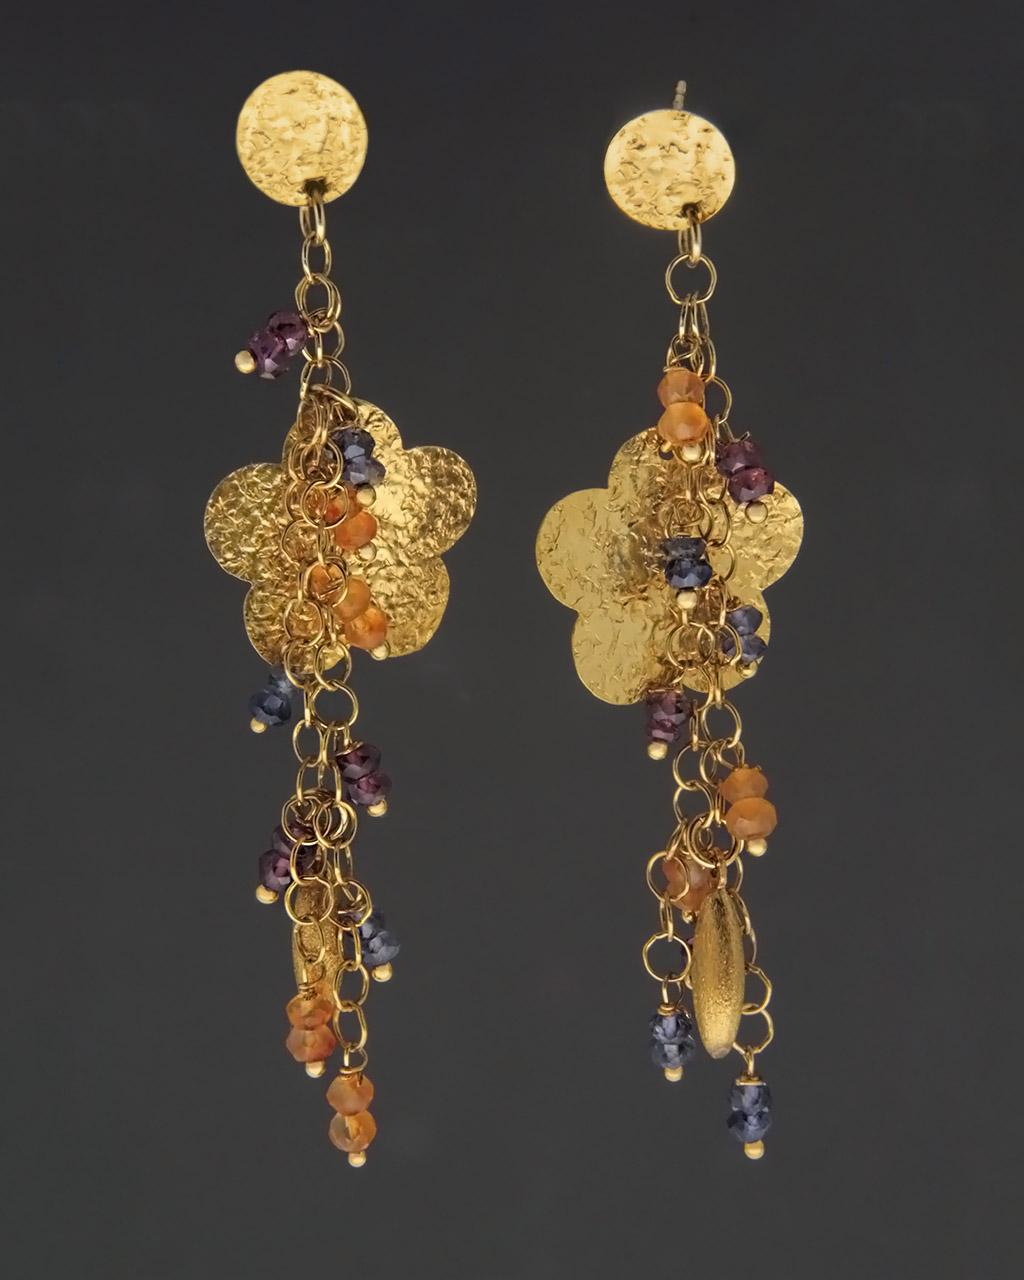 Κρεμαστά σκουλαρίκια χρυσά Κ18 με Ζαφείρια & Ρουμπίνια   νεεσ αφιξεισ κοσμήματα γυναικεία